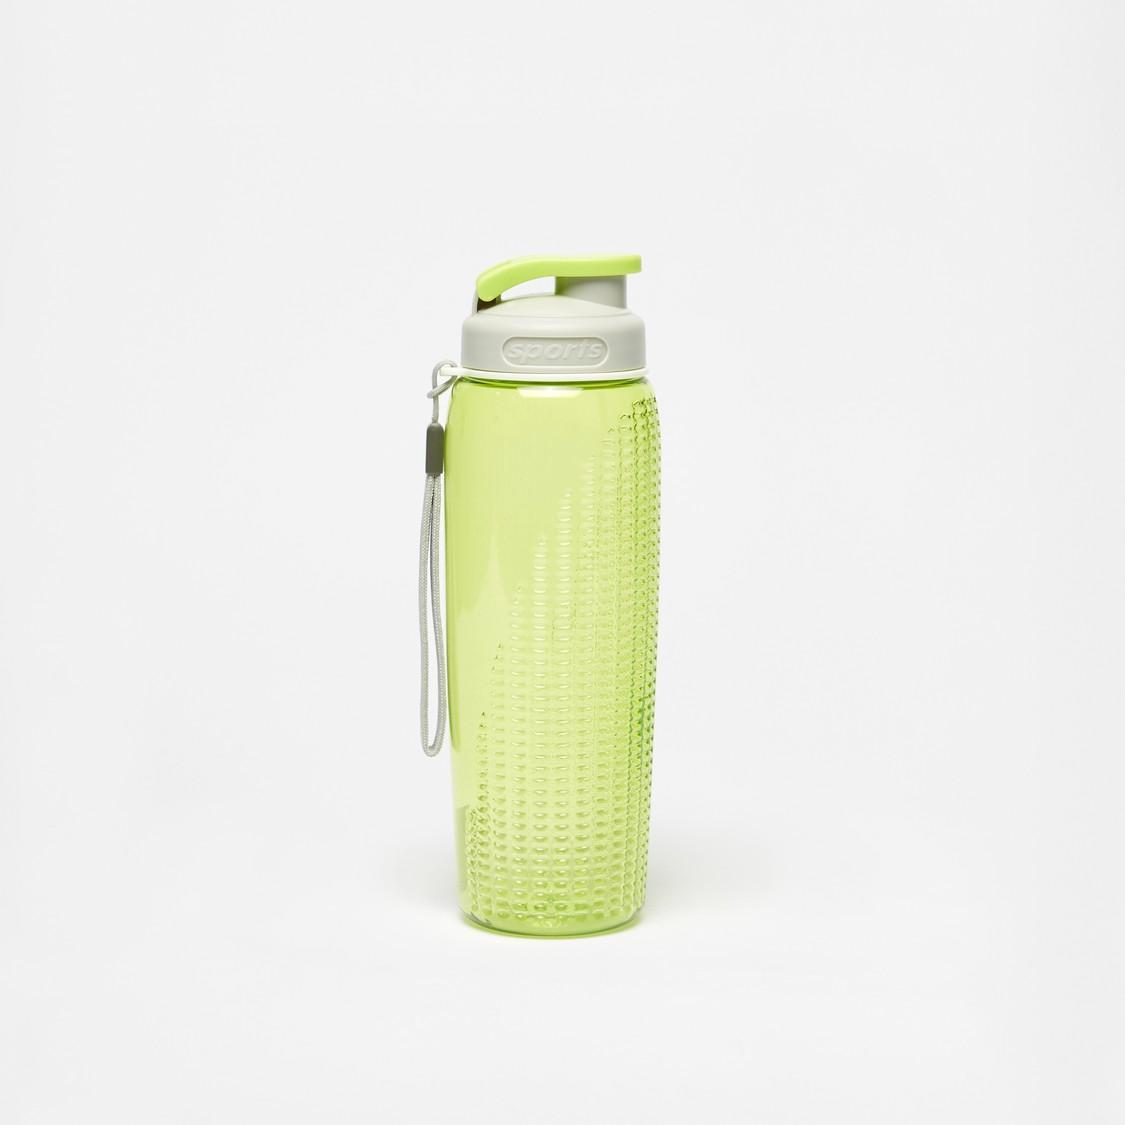 Textured Water Bottle with Flip Cap